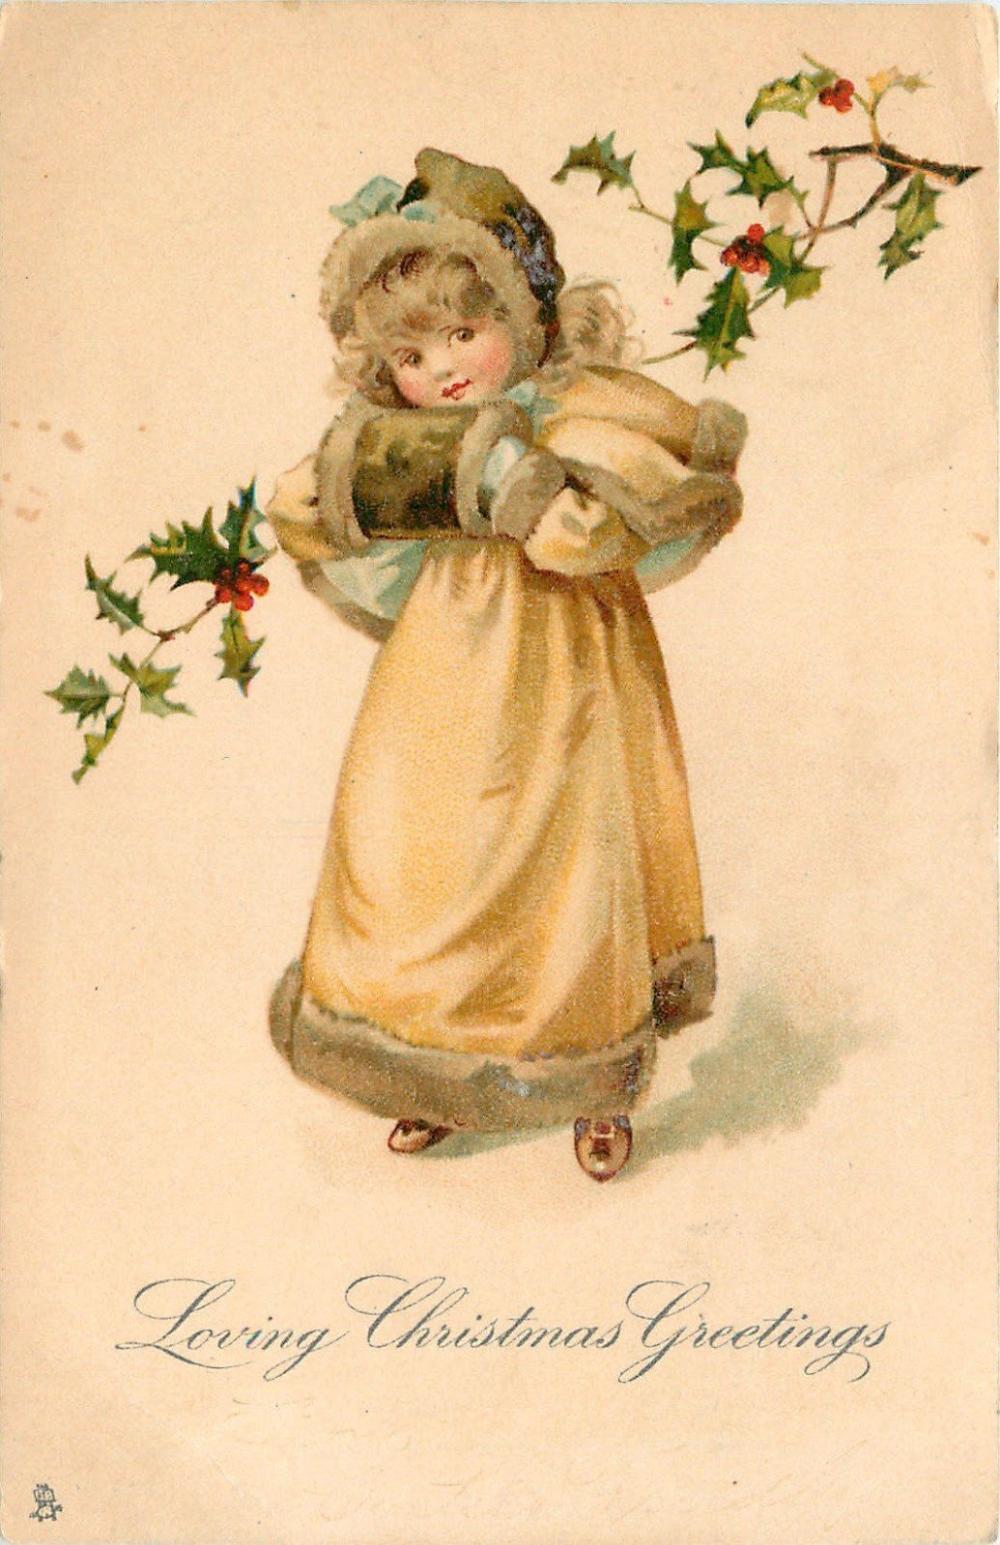 Christmas Cards Vintage Christmas Greeting Cards Free Christmas Greetings Vintage Christmas